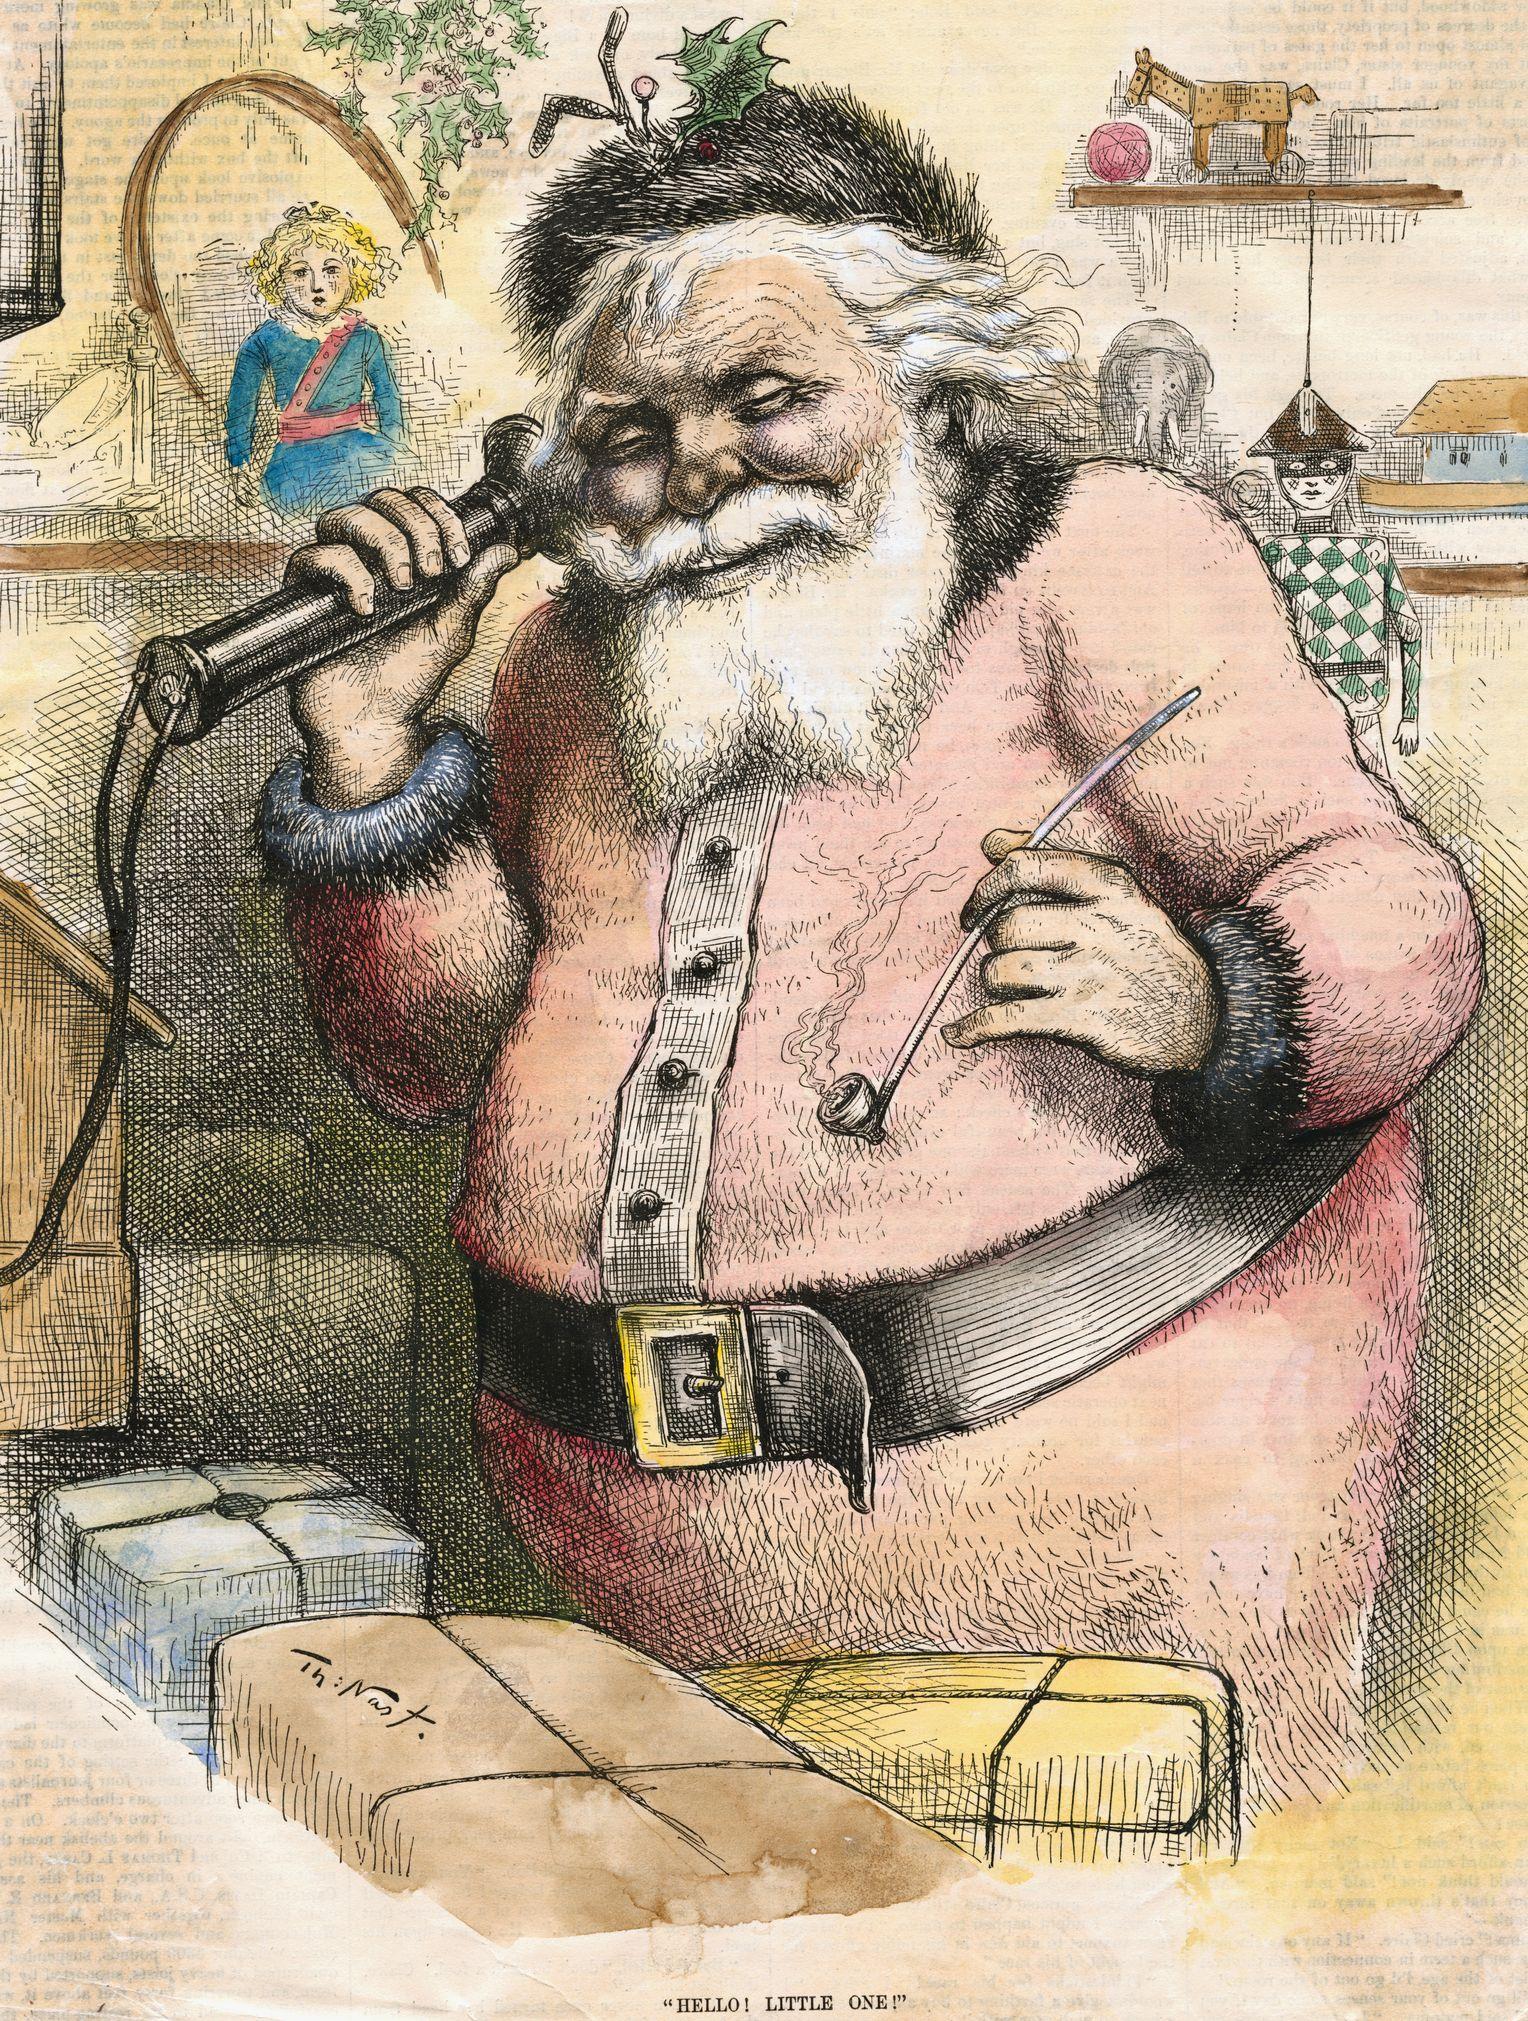 Weihnachtsmann: Wirklich Eine Erfindung Von Coca Cola? - Der mit Ursprüngliche Farbe Gewand Weihnachtsmann